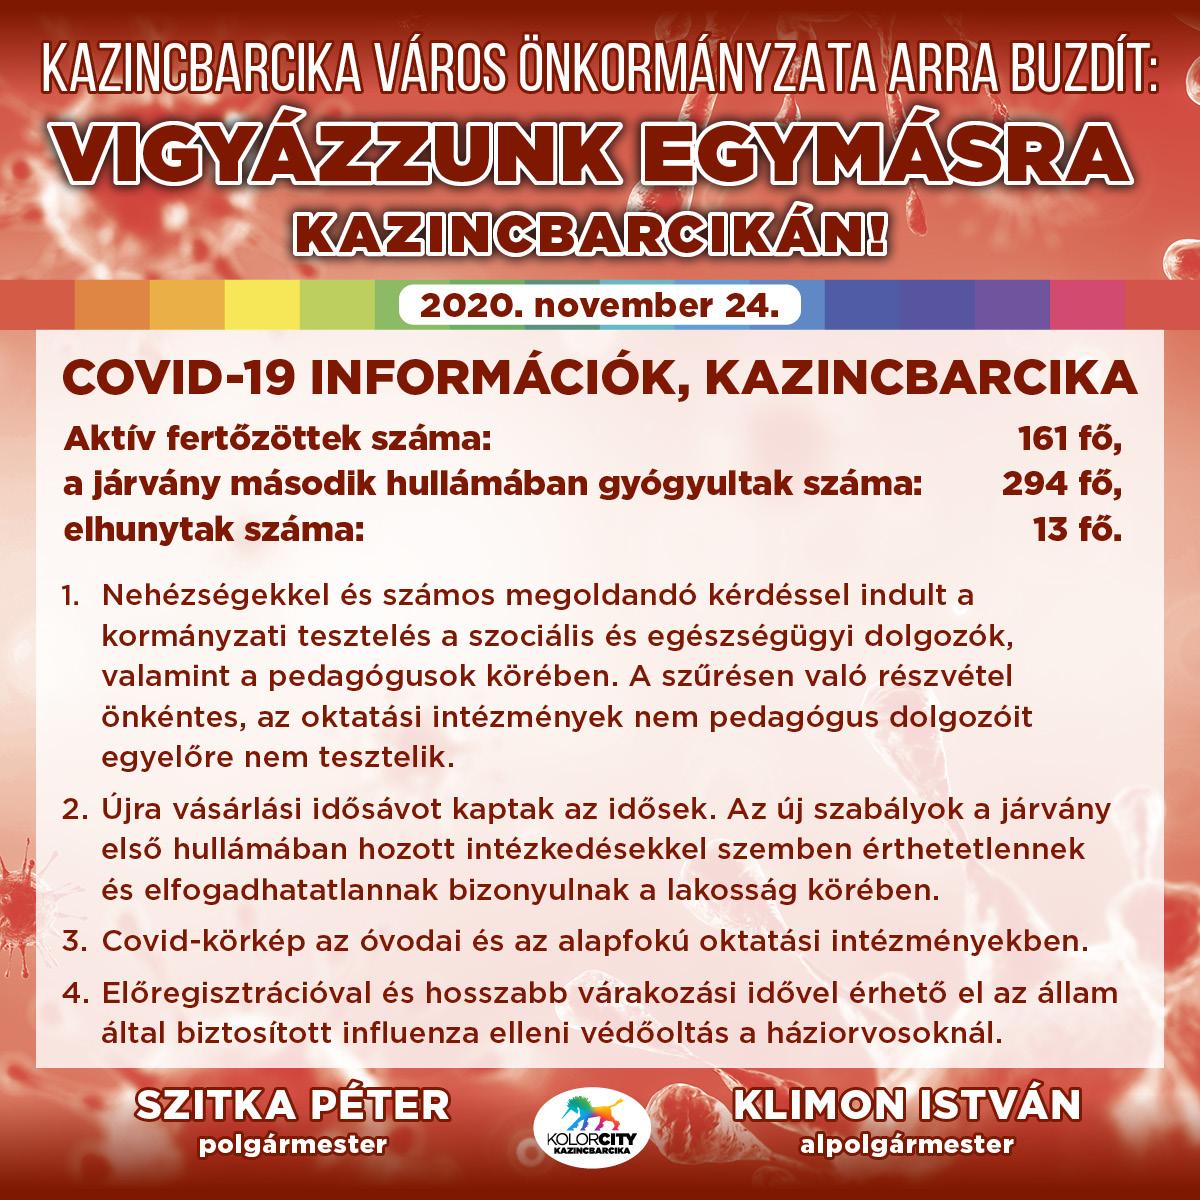 https://kolorline.hu/Vigyázzunk egymásra Kazincbarcikán! – 2020. november 24.